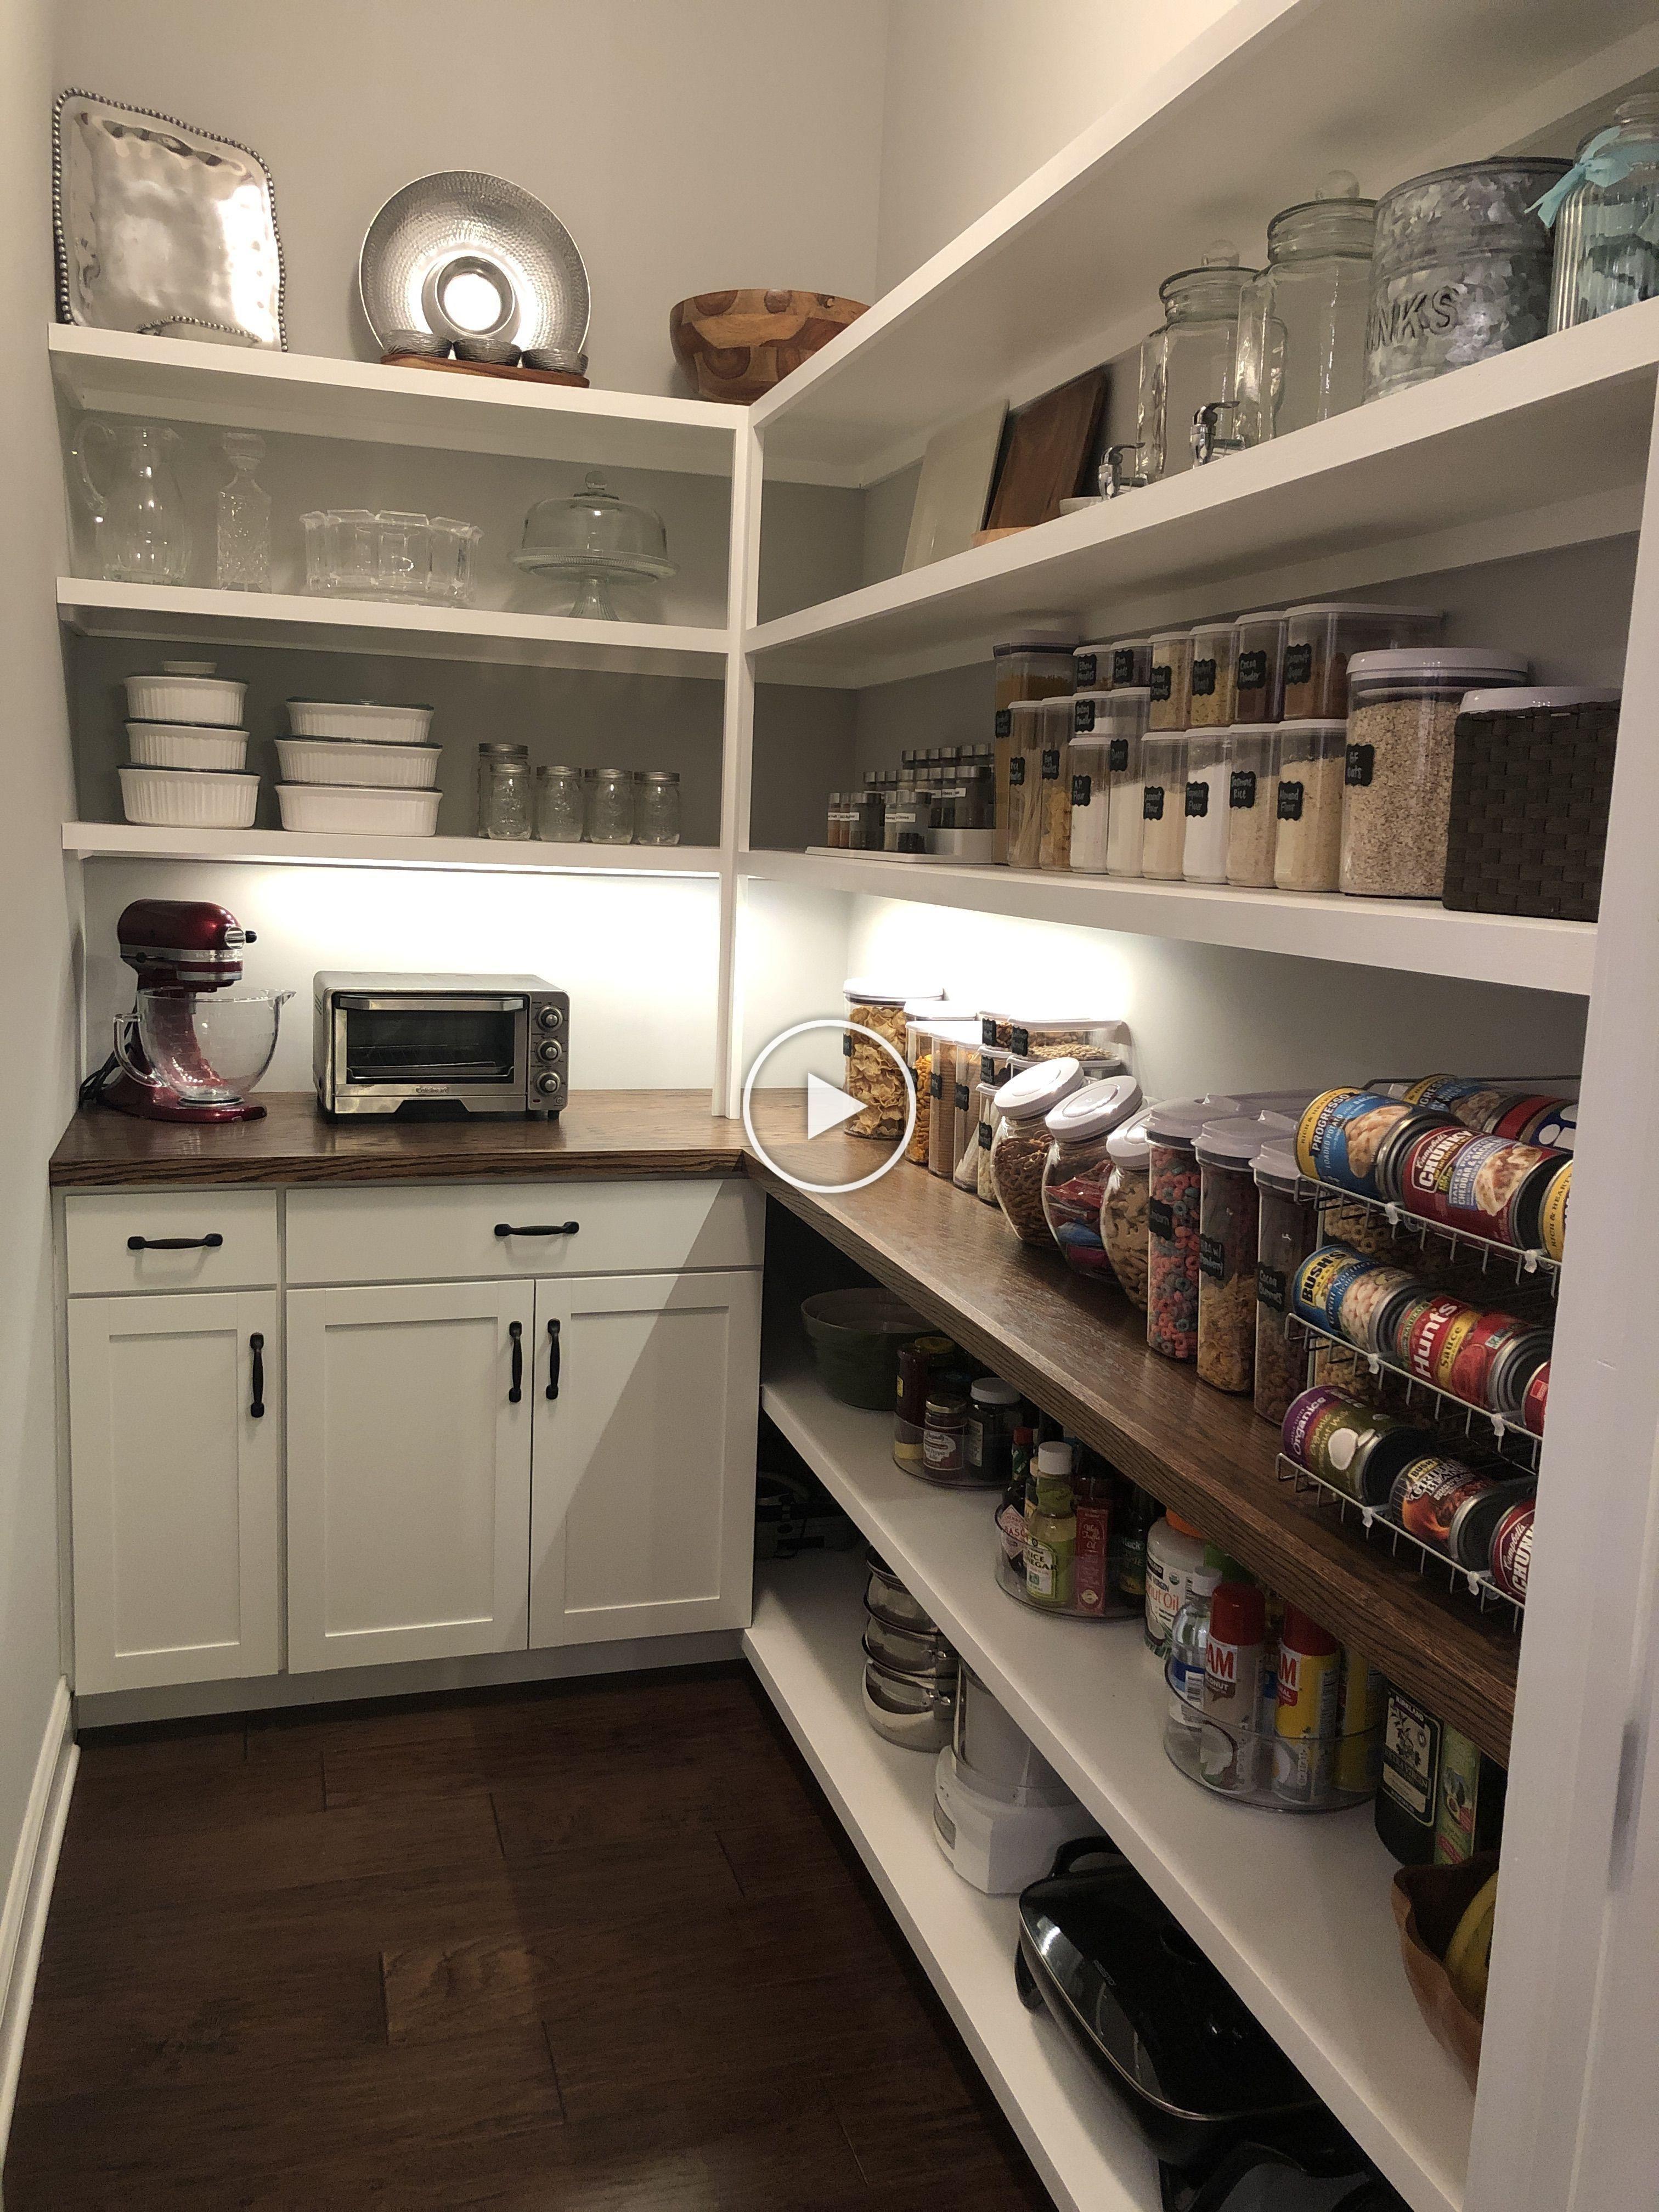 Www Facebook Com Sklentzeris Aplaceforeverything Organizing Homesale Realestate Realtor Sandyklentzeri Pantry Design Kitchen Pantry Design Pantry Remodel